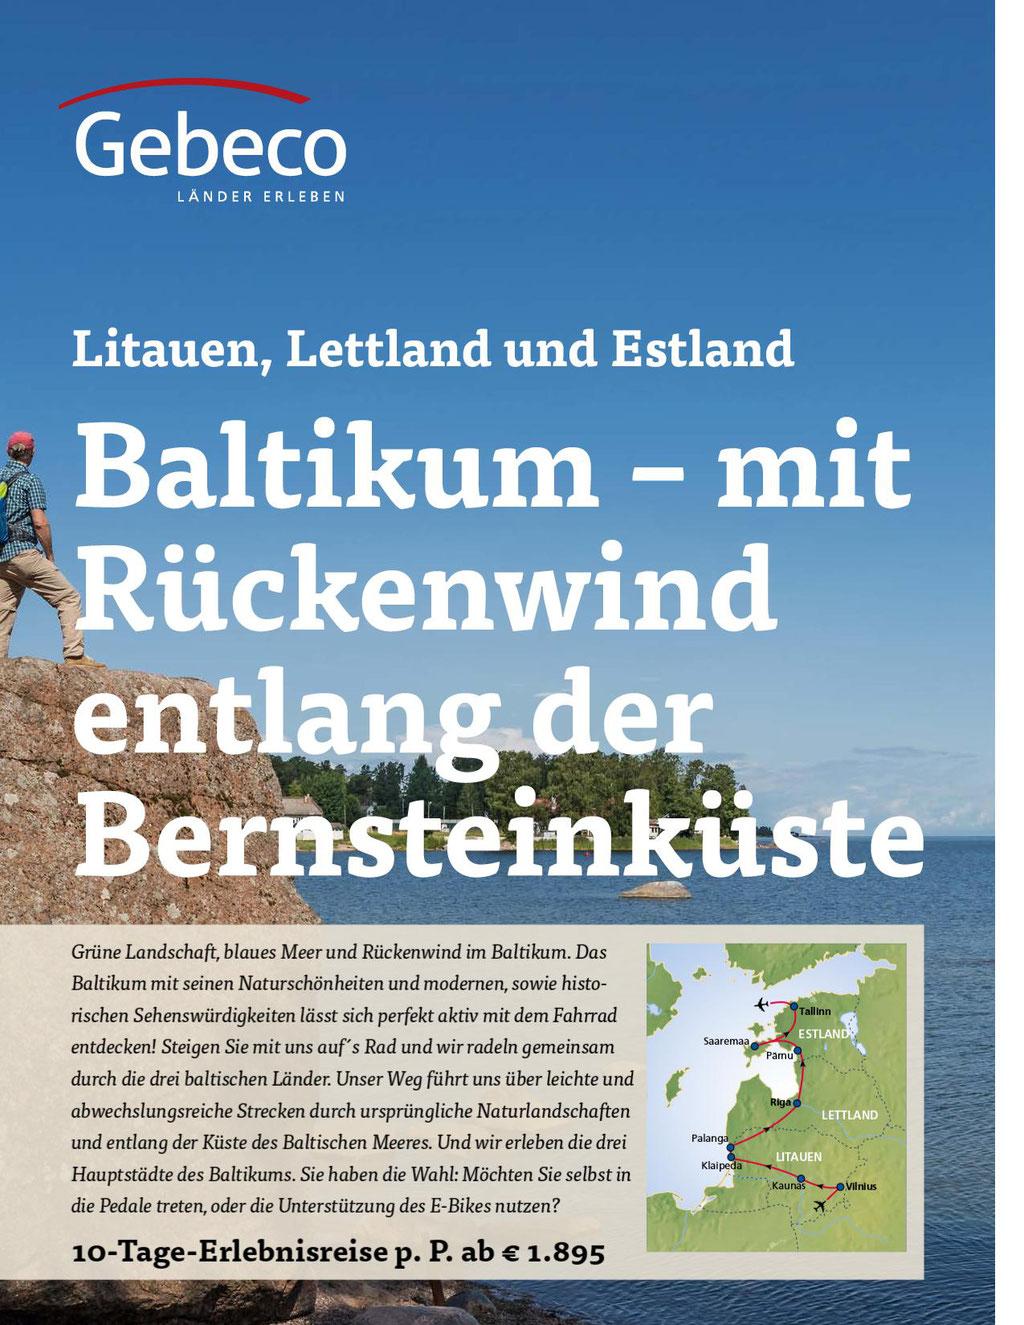 Gebeco Baltikum - entlang der Bernsteinküste - Litauen, Lettland, Estland